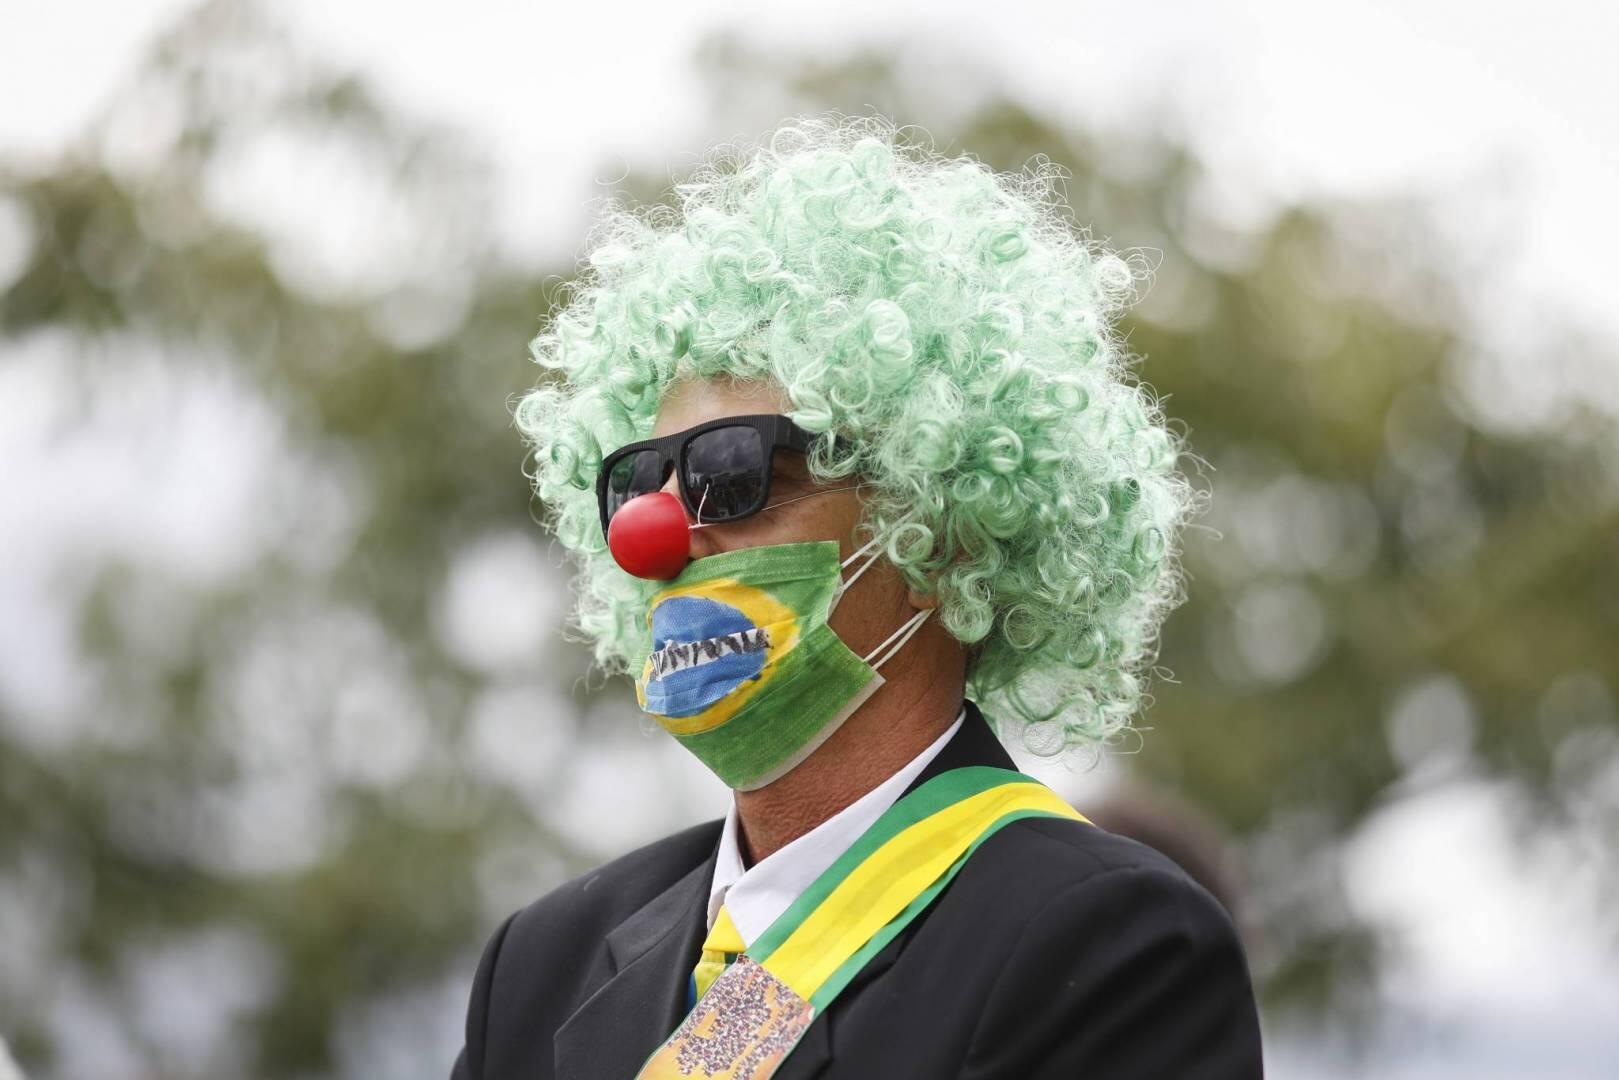 البرازيل تسجل رقما قياسيا يتجاوز 26 ألفا في أعداد الإصابات الجديدة بكورونا